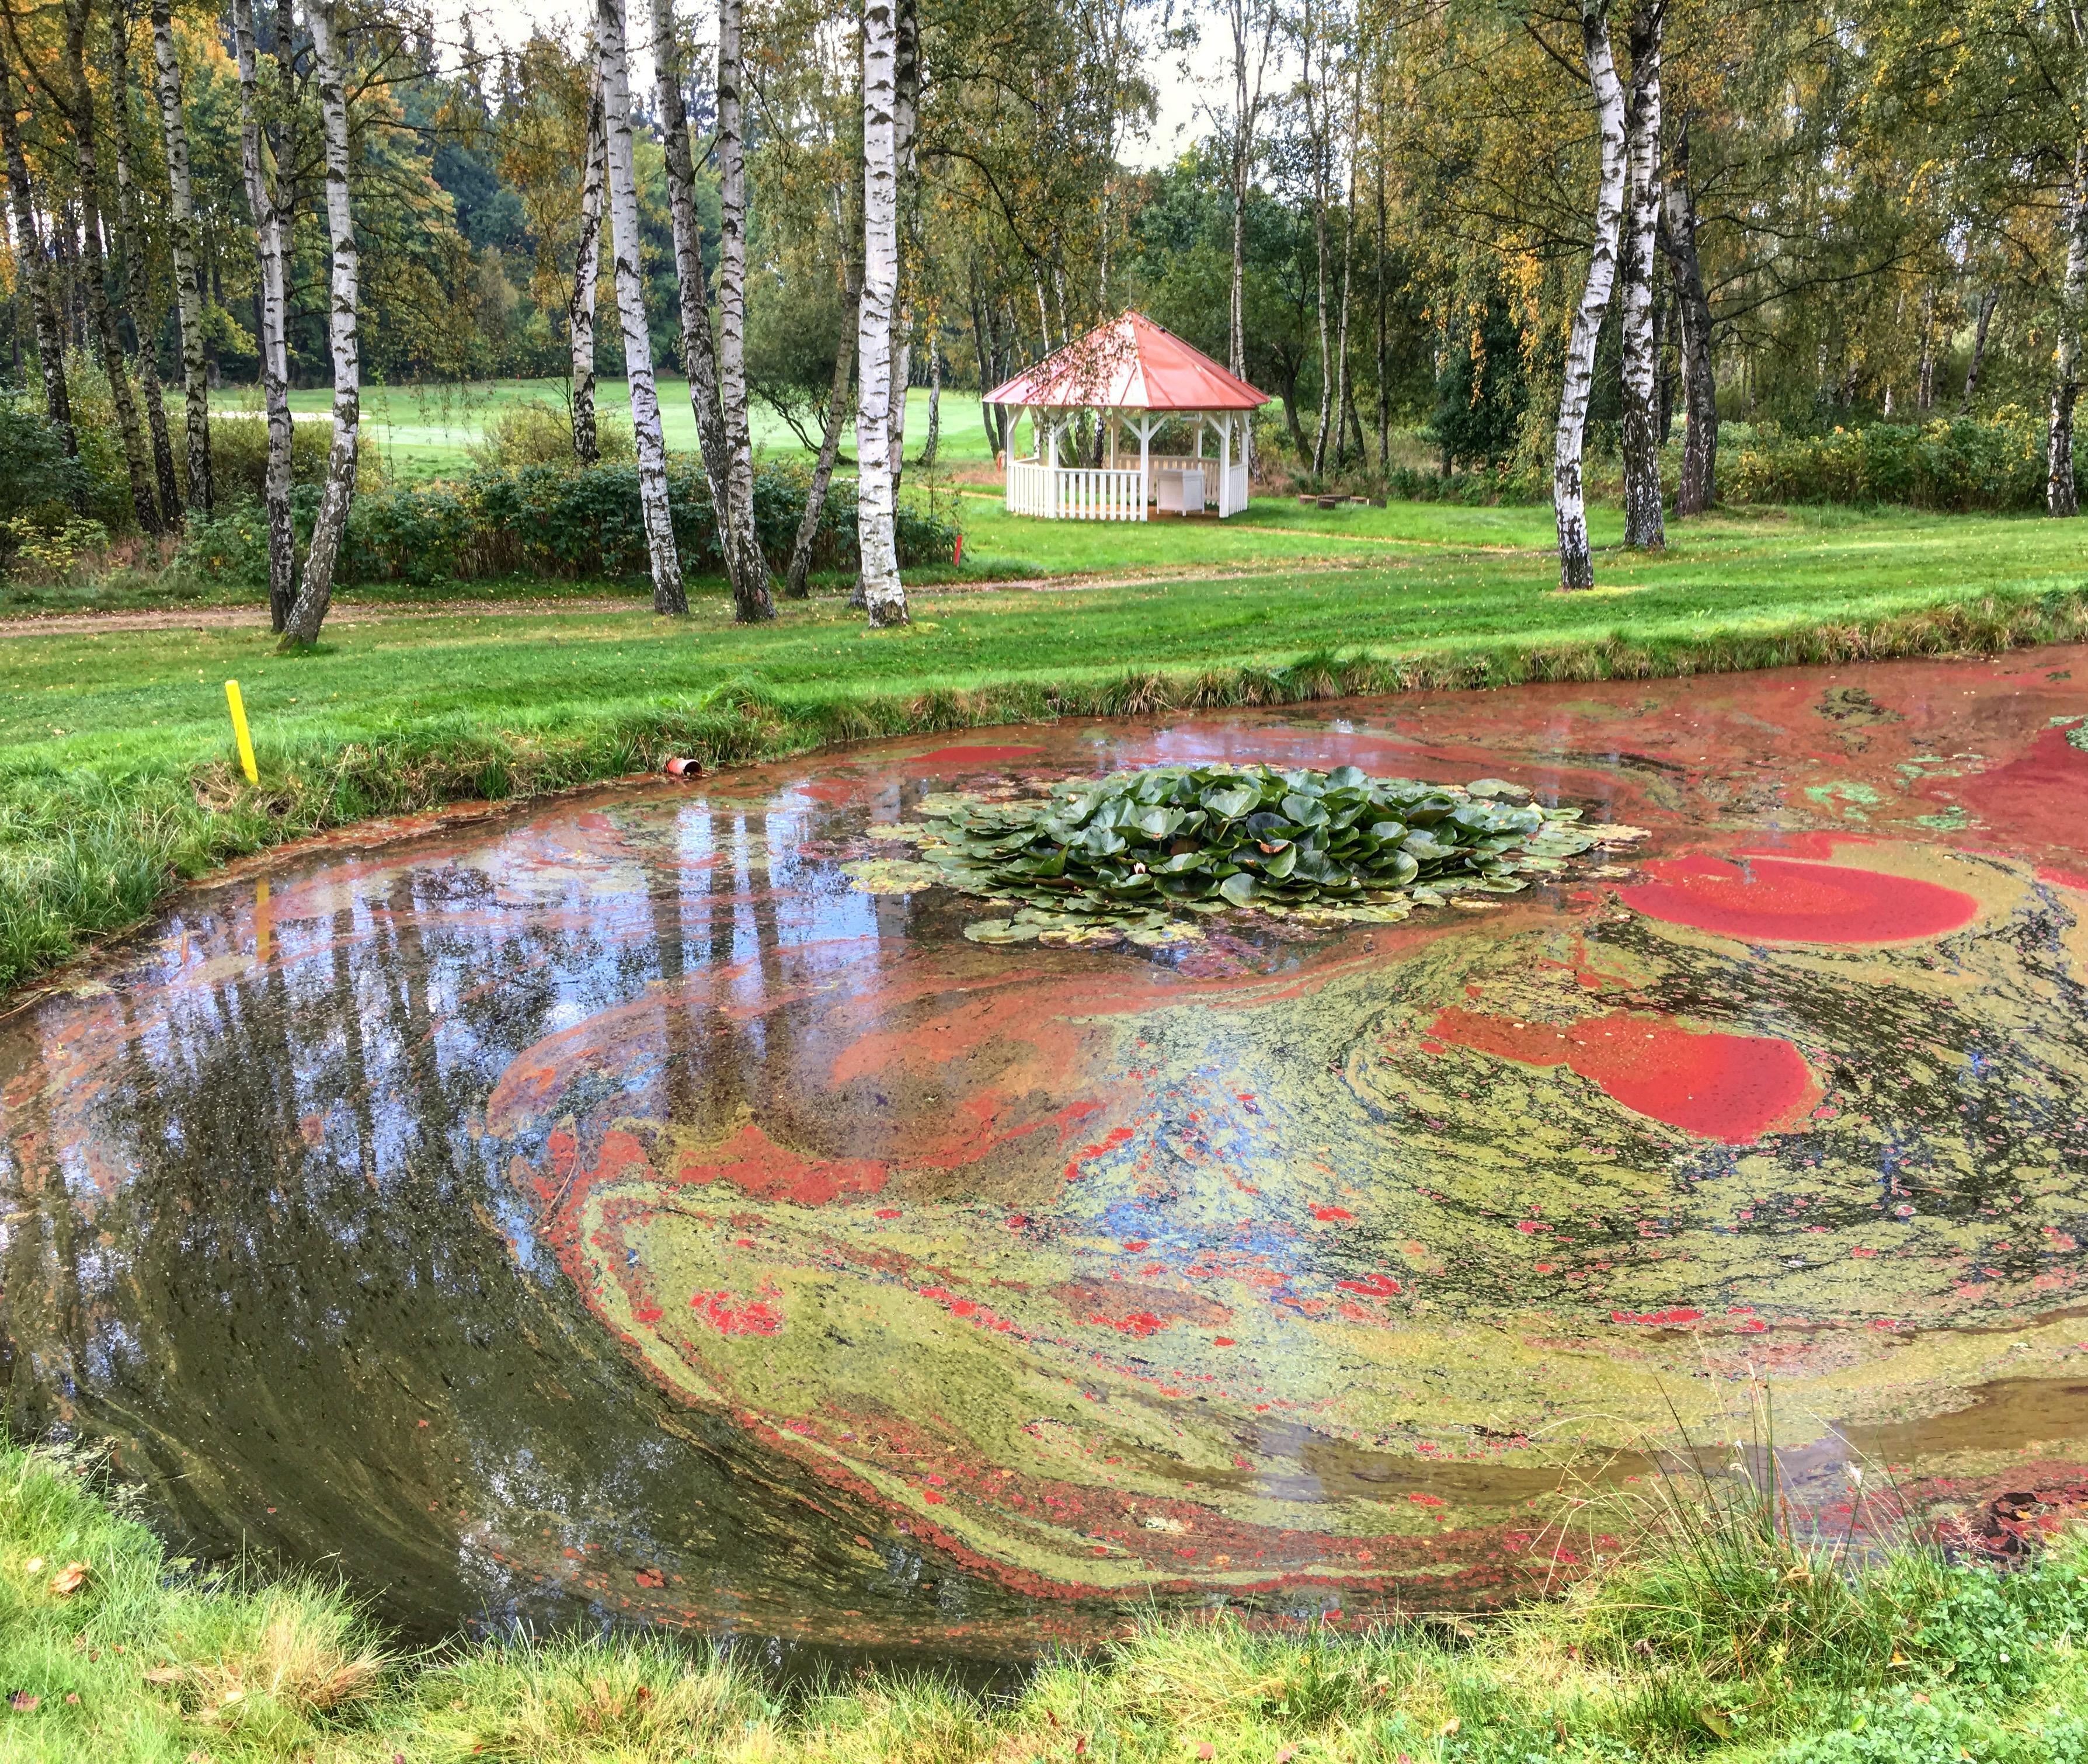 Řasami pestře zbarvené jezírko v horní části hřiště